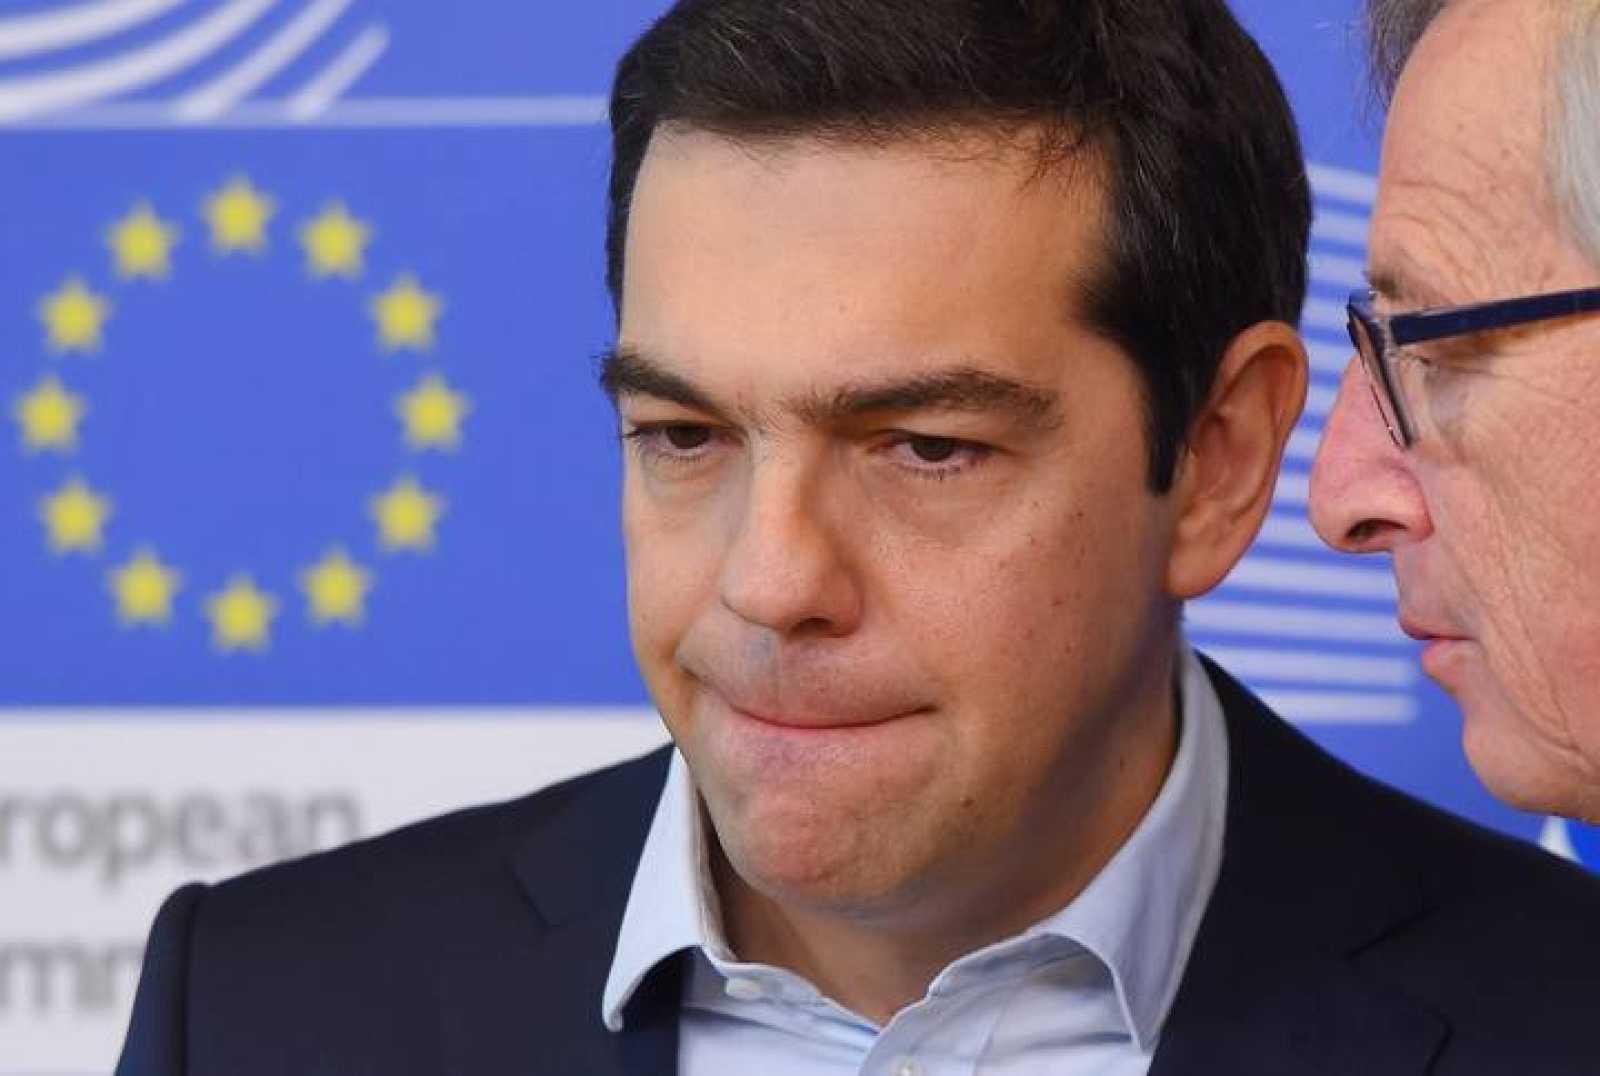 El primer ministro griego, Alexis Tsipras, escuchando al presidente de la Comisión Europea